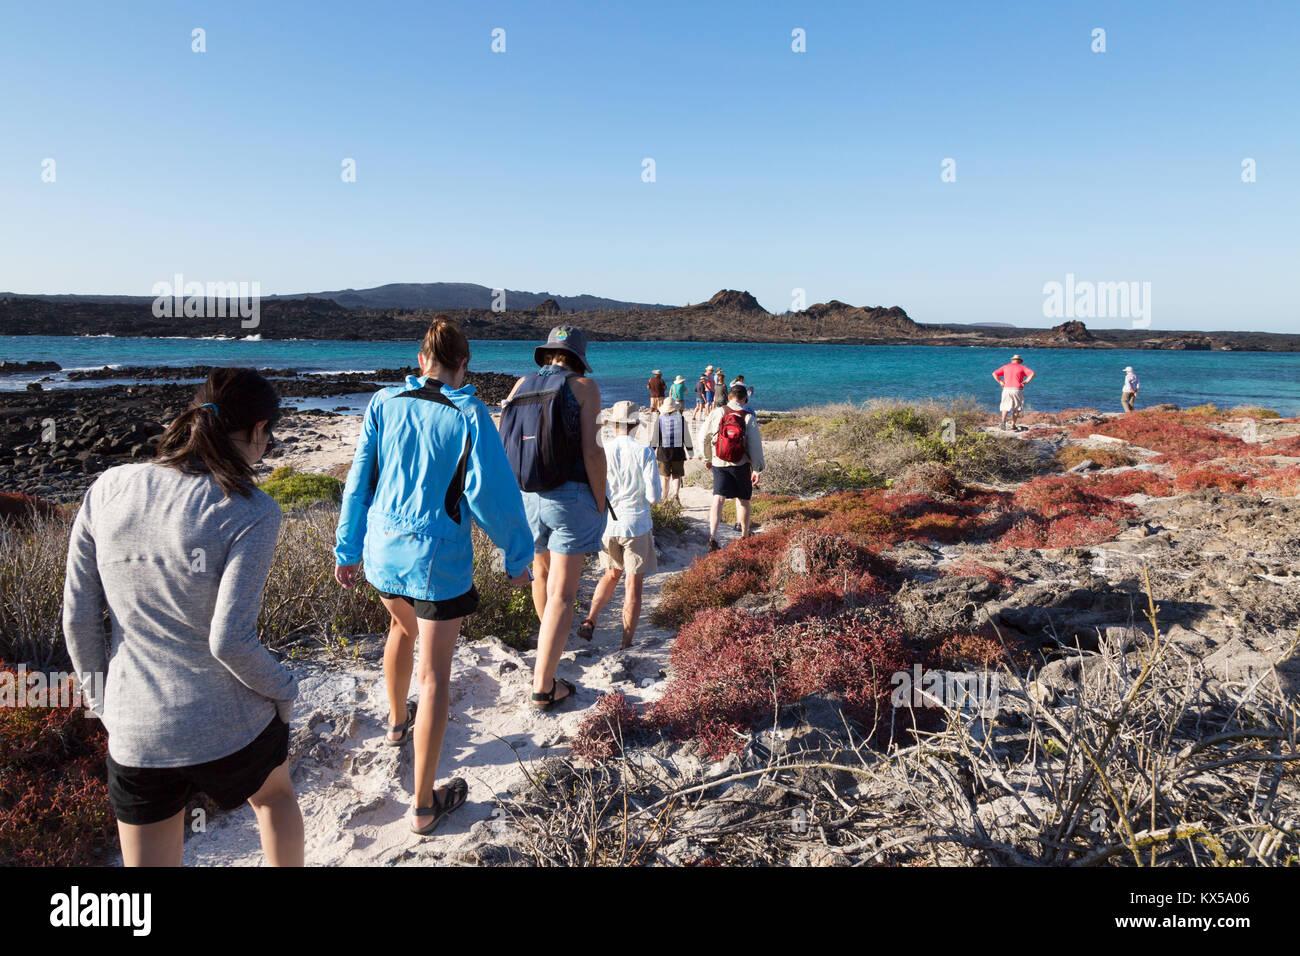 La gente che camminava sul cappello cinese isola come parte di un tour guidato, Galapagos Parco Nazionale delle Immagini Stock